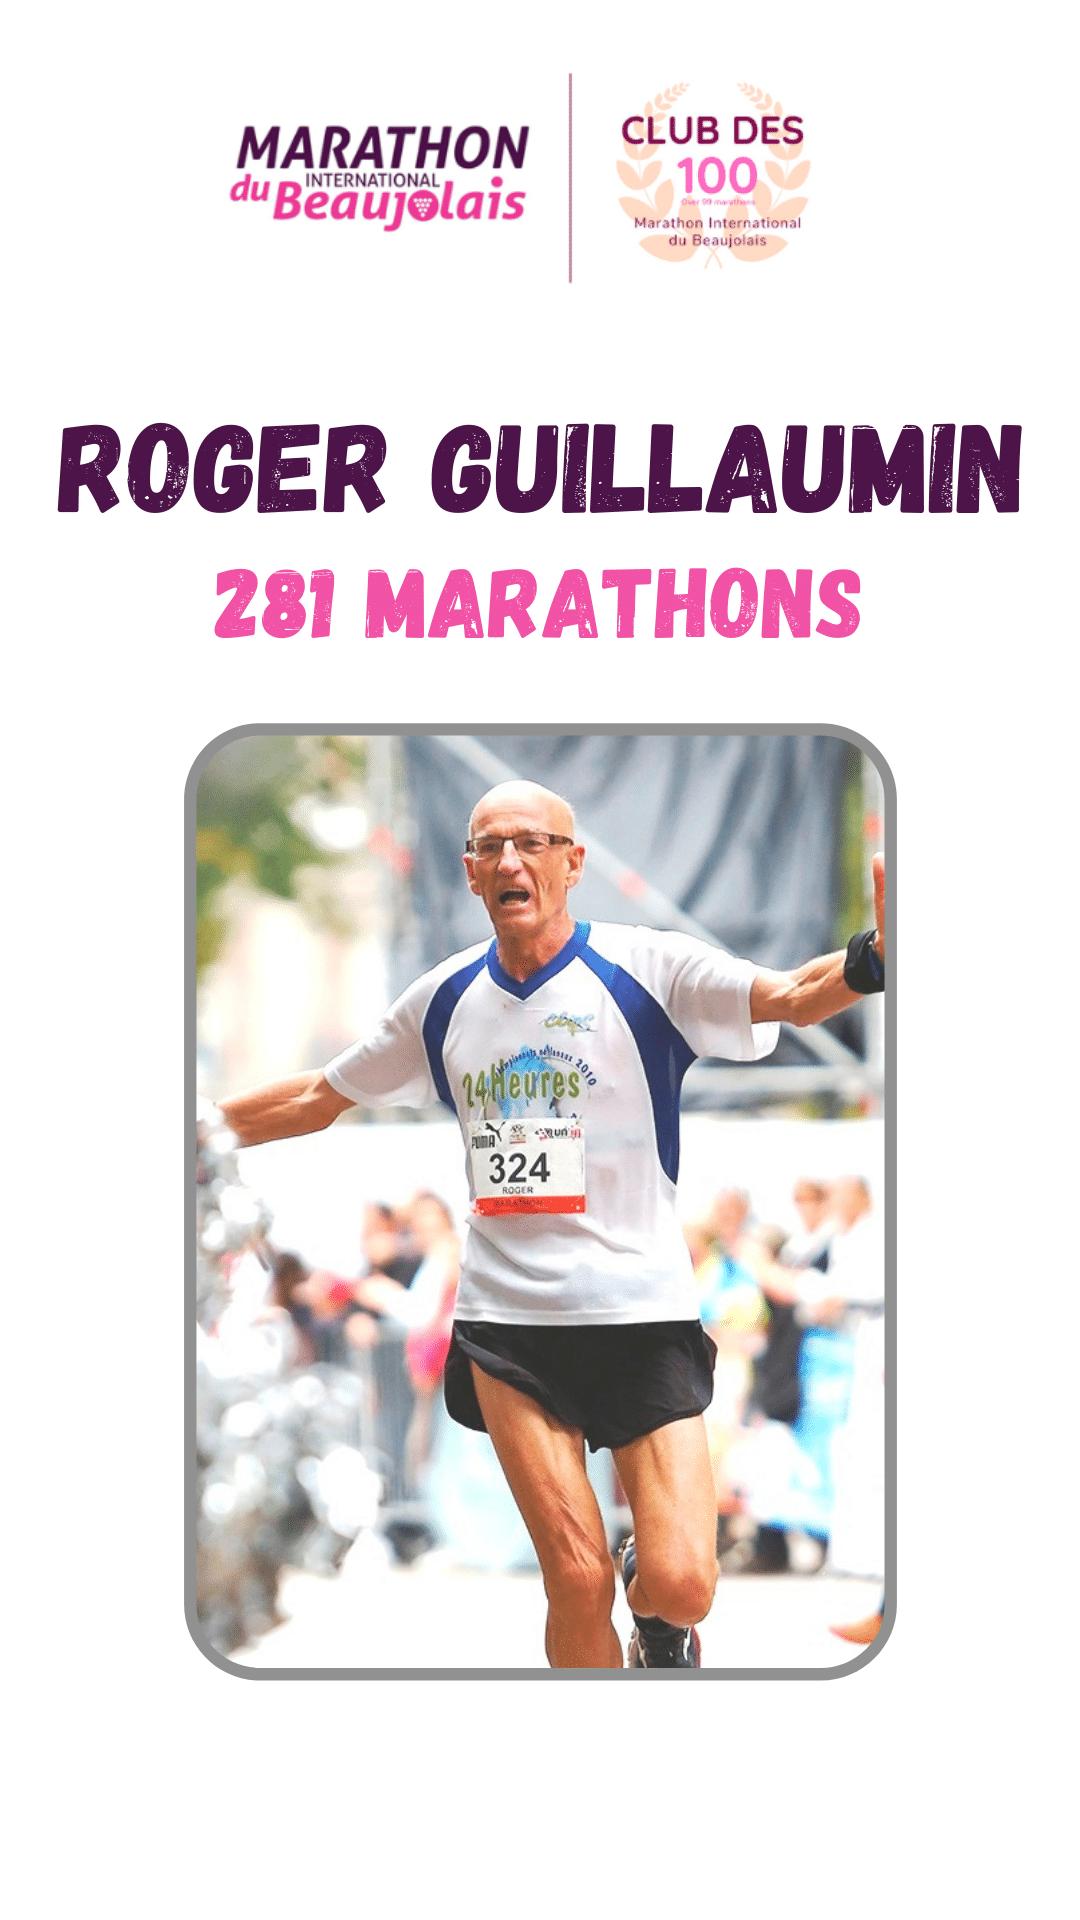 ROGER GUILLAUMIN